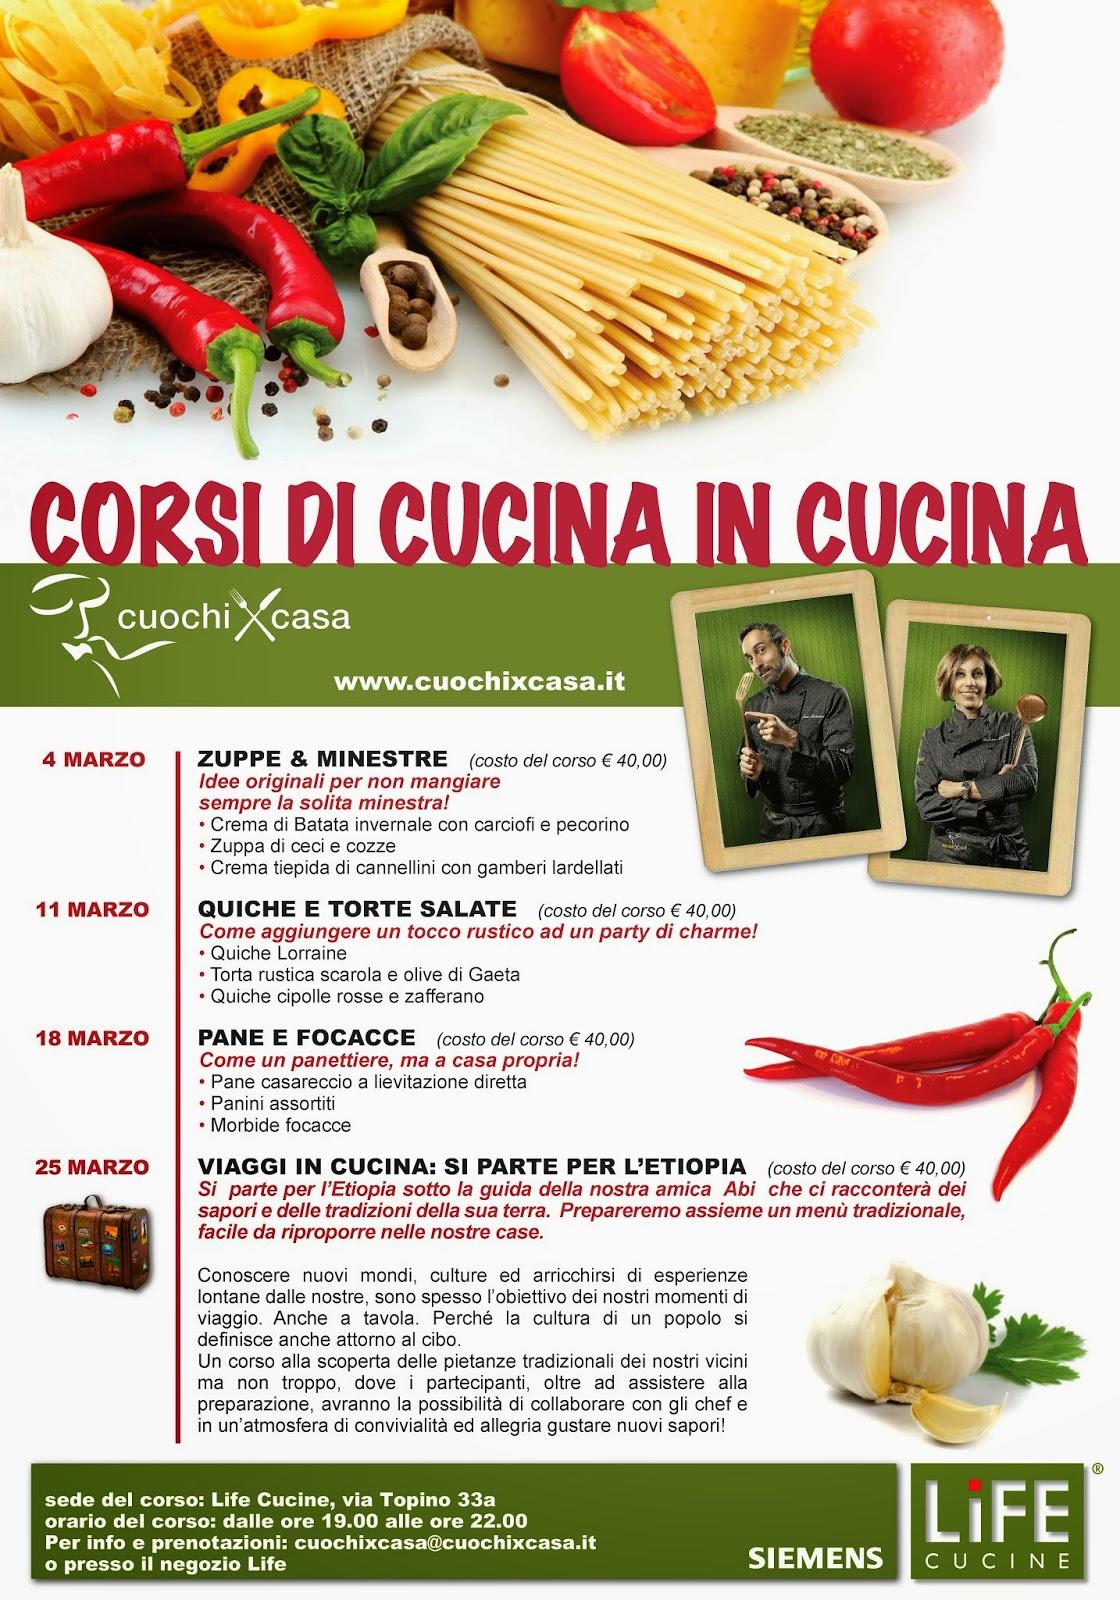 Disegno corsi di cucina a roma : CORSI DI CUCINA IN CUCINA CALENDARIO DI MARZO | Cuochi a domicilio ...